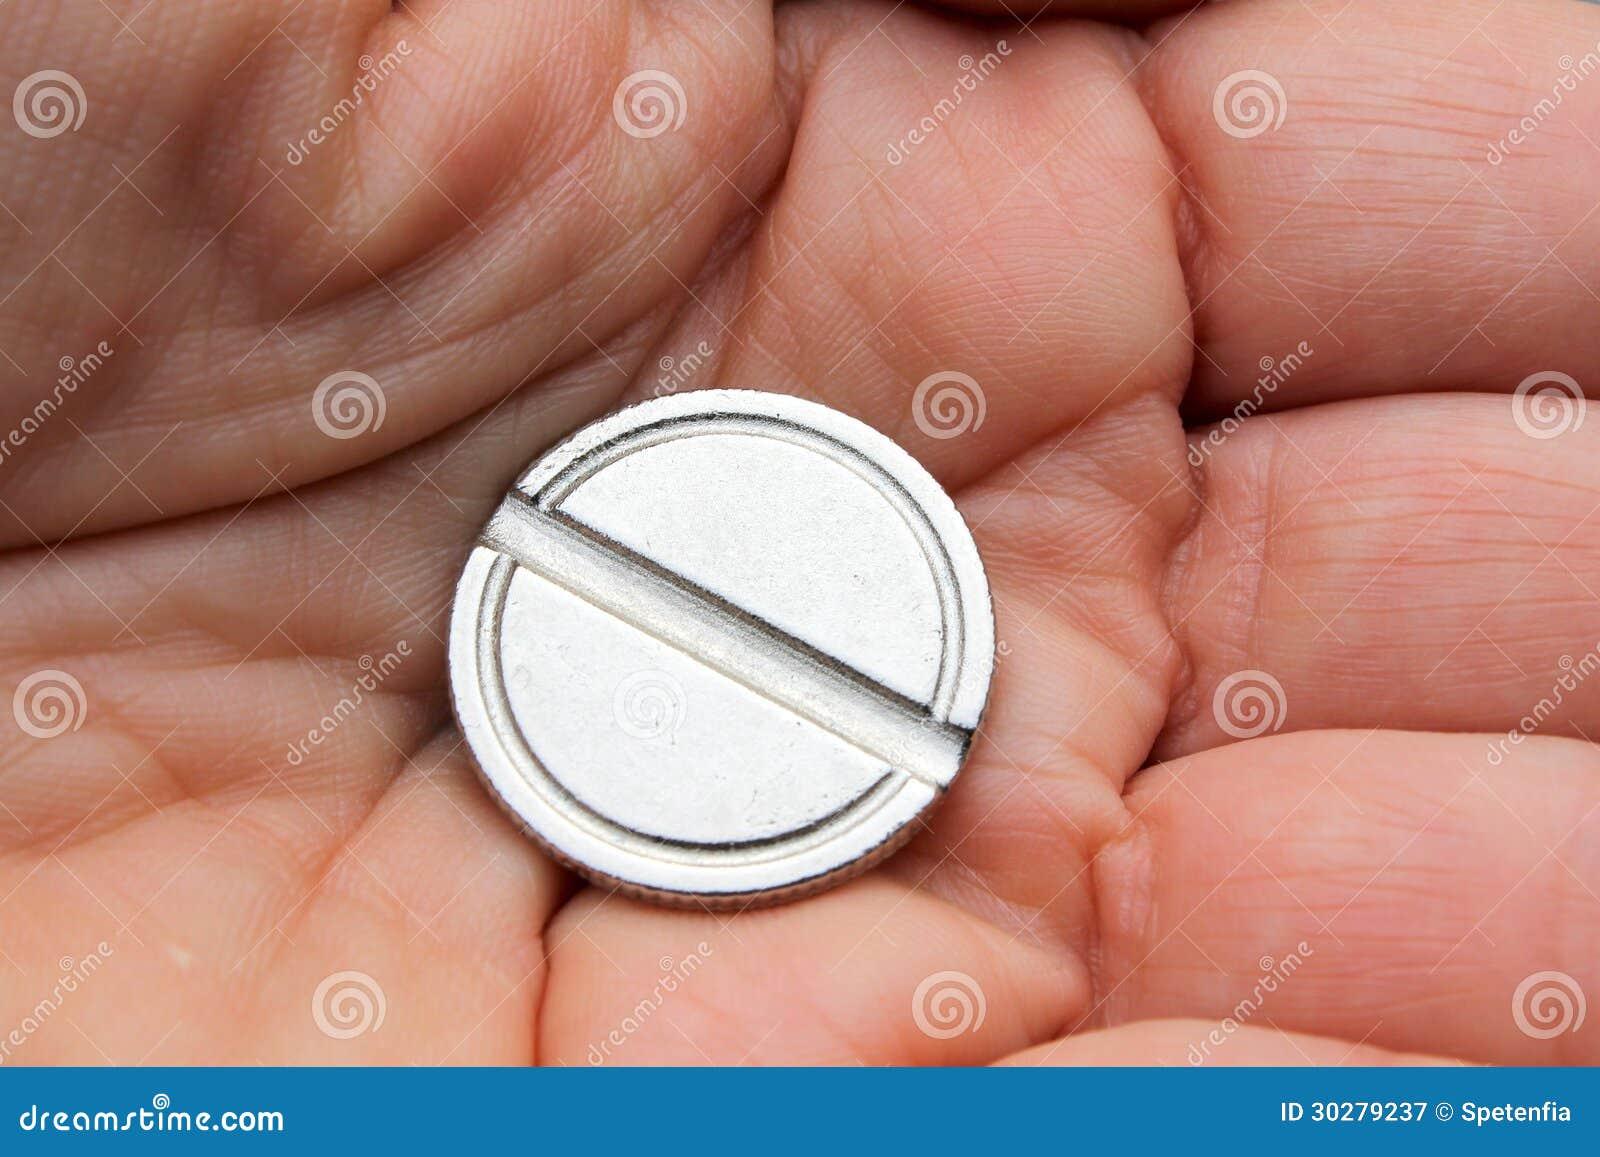 硬币在手上